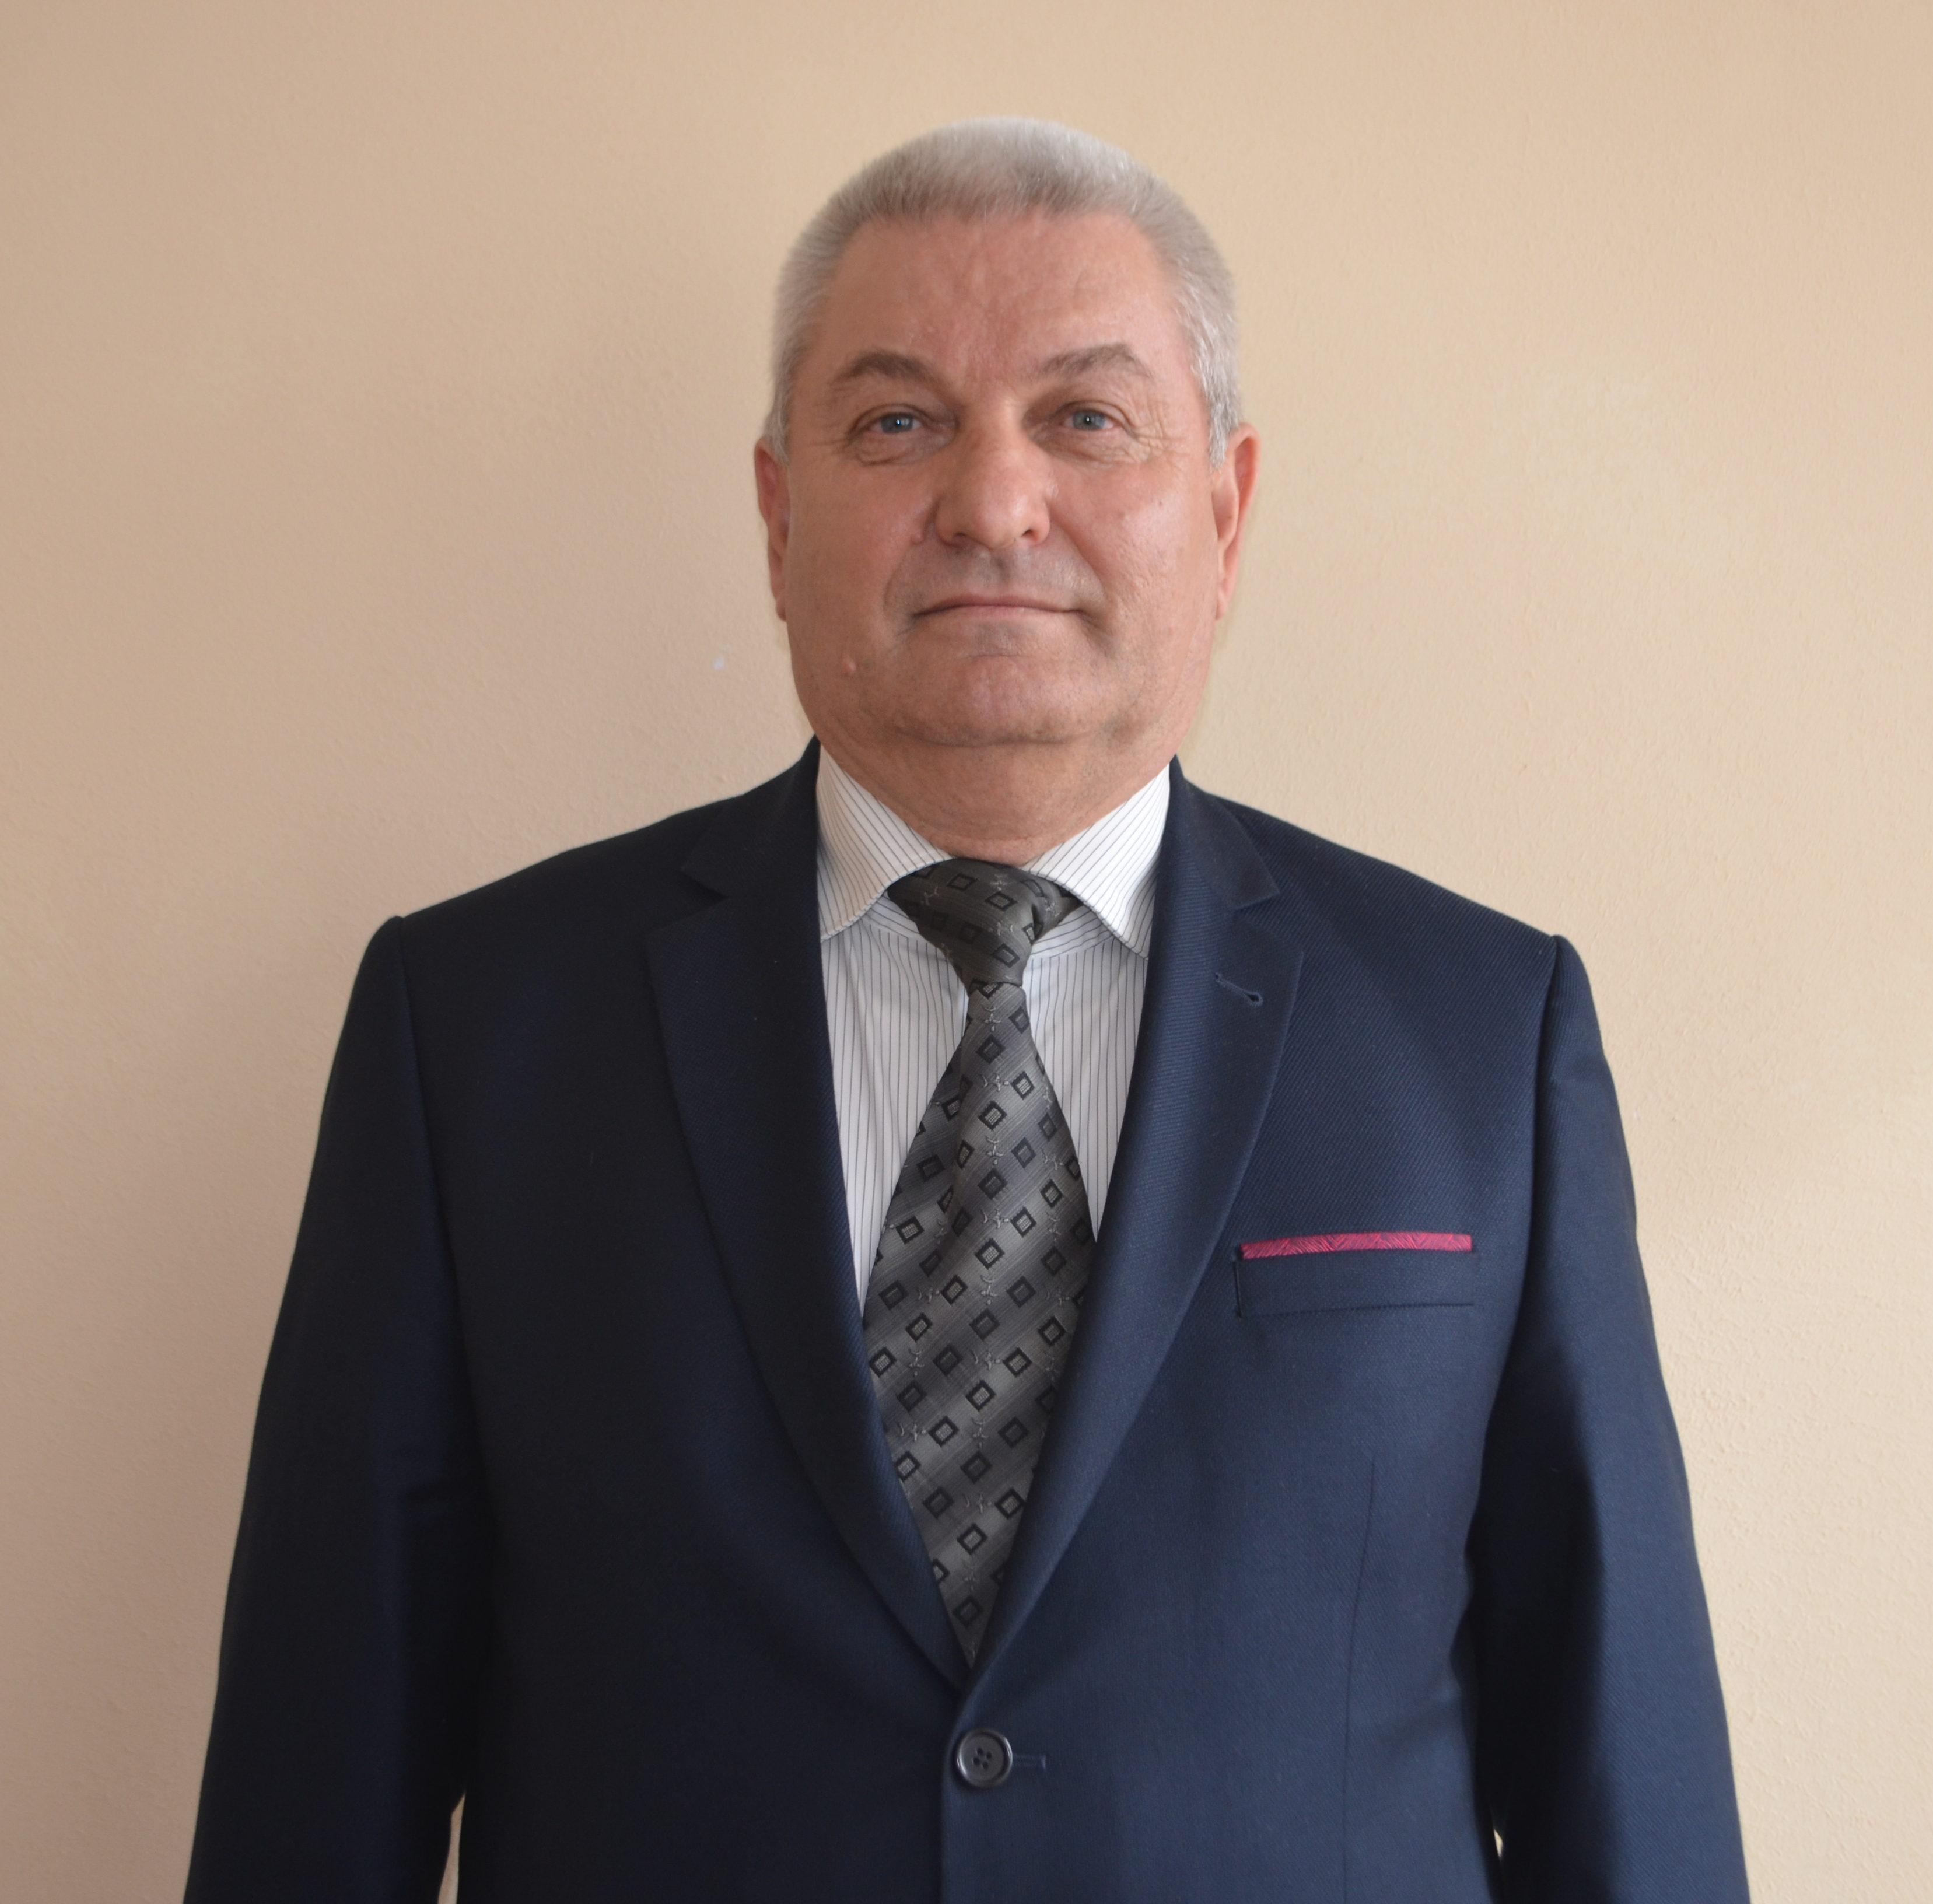 Дудяк Іван Дмитрович